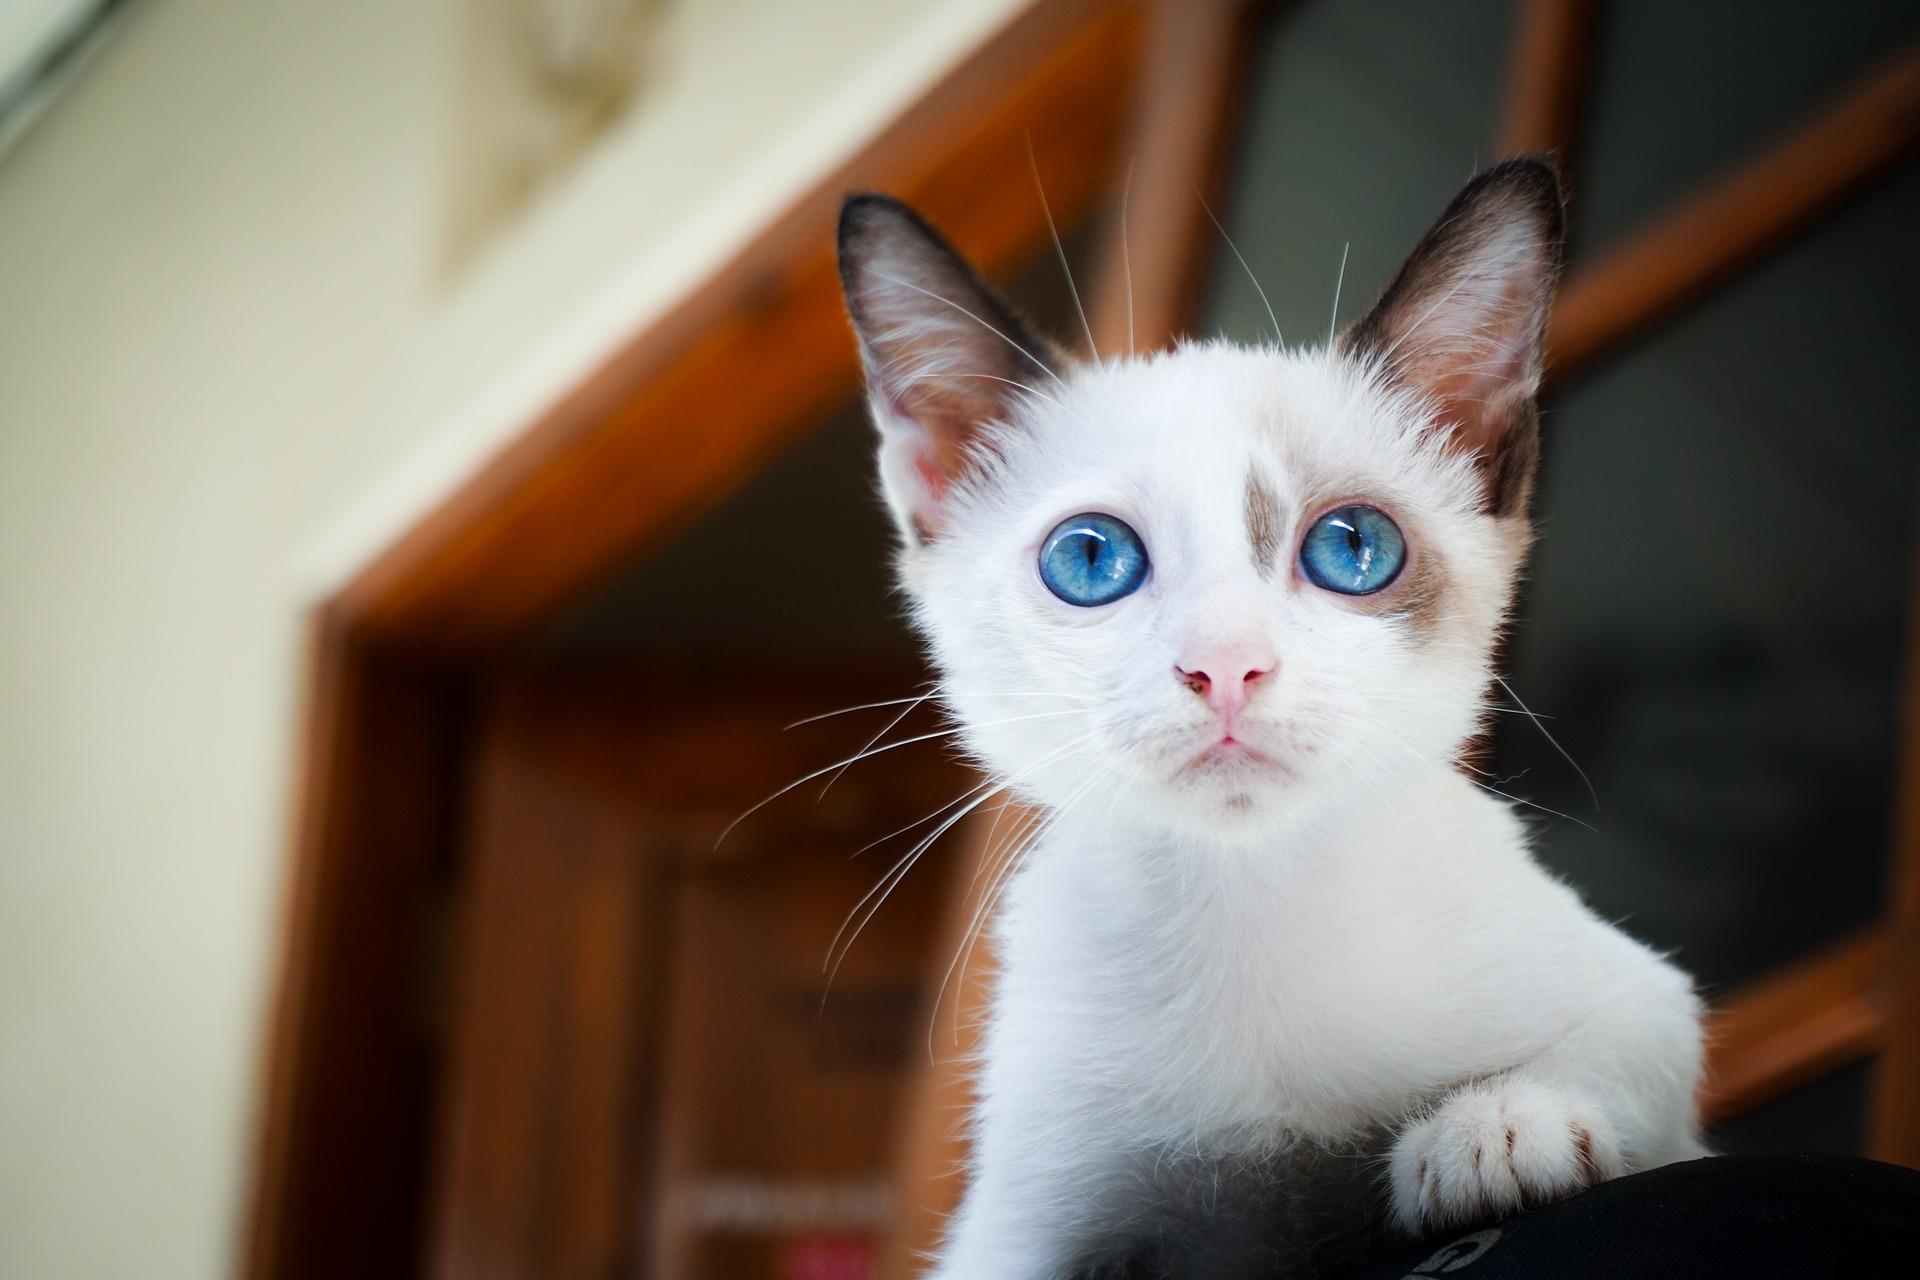 Chaton blanc aux yeux bleus sur le rebord d'une fenêtre